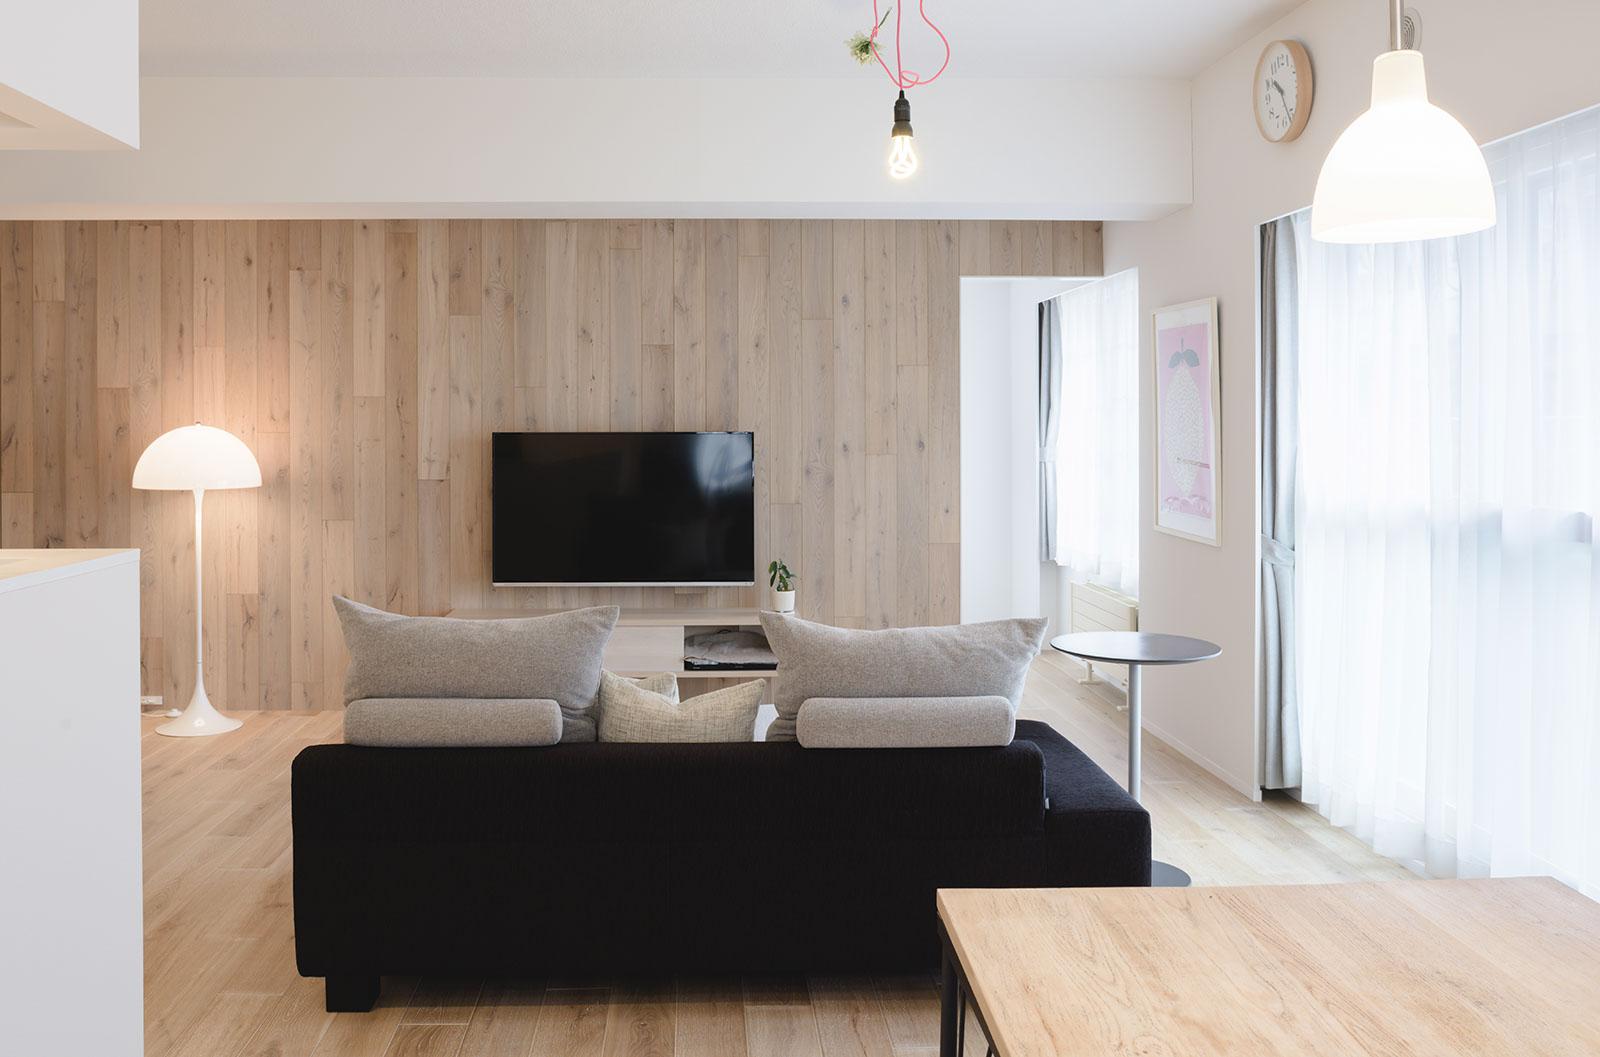 白染色の床とアクセントウォールのおかげで、マンションでありながらも、木の心地よさが伝わる室内